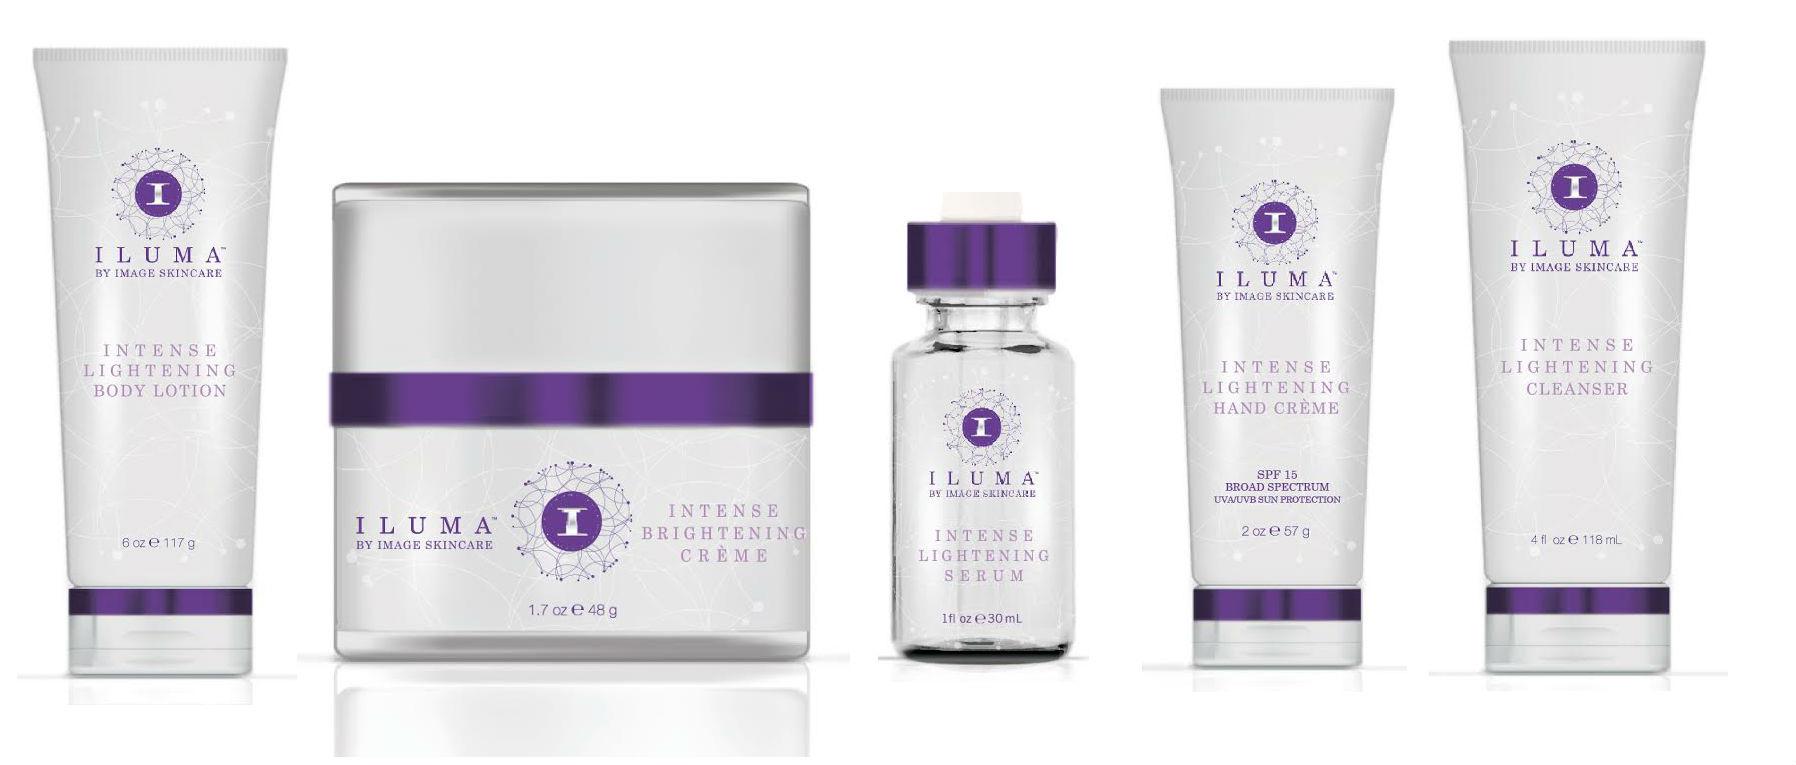 iluma-image-skincare-range-azure-beauty-gorey